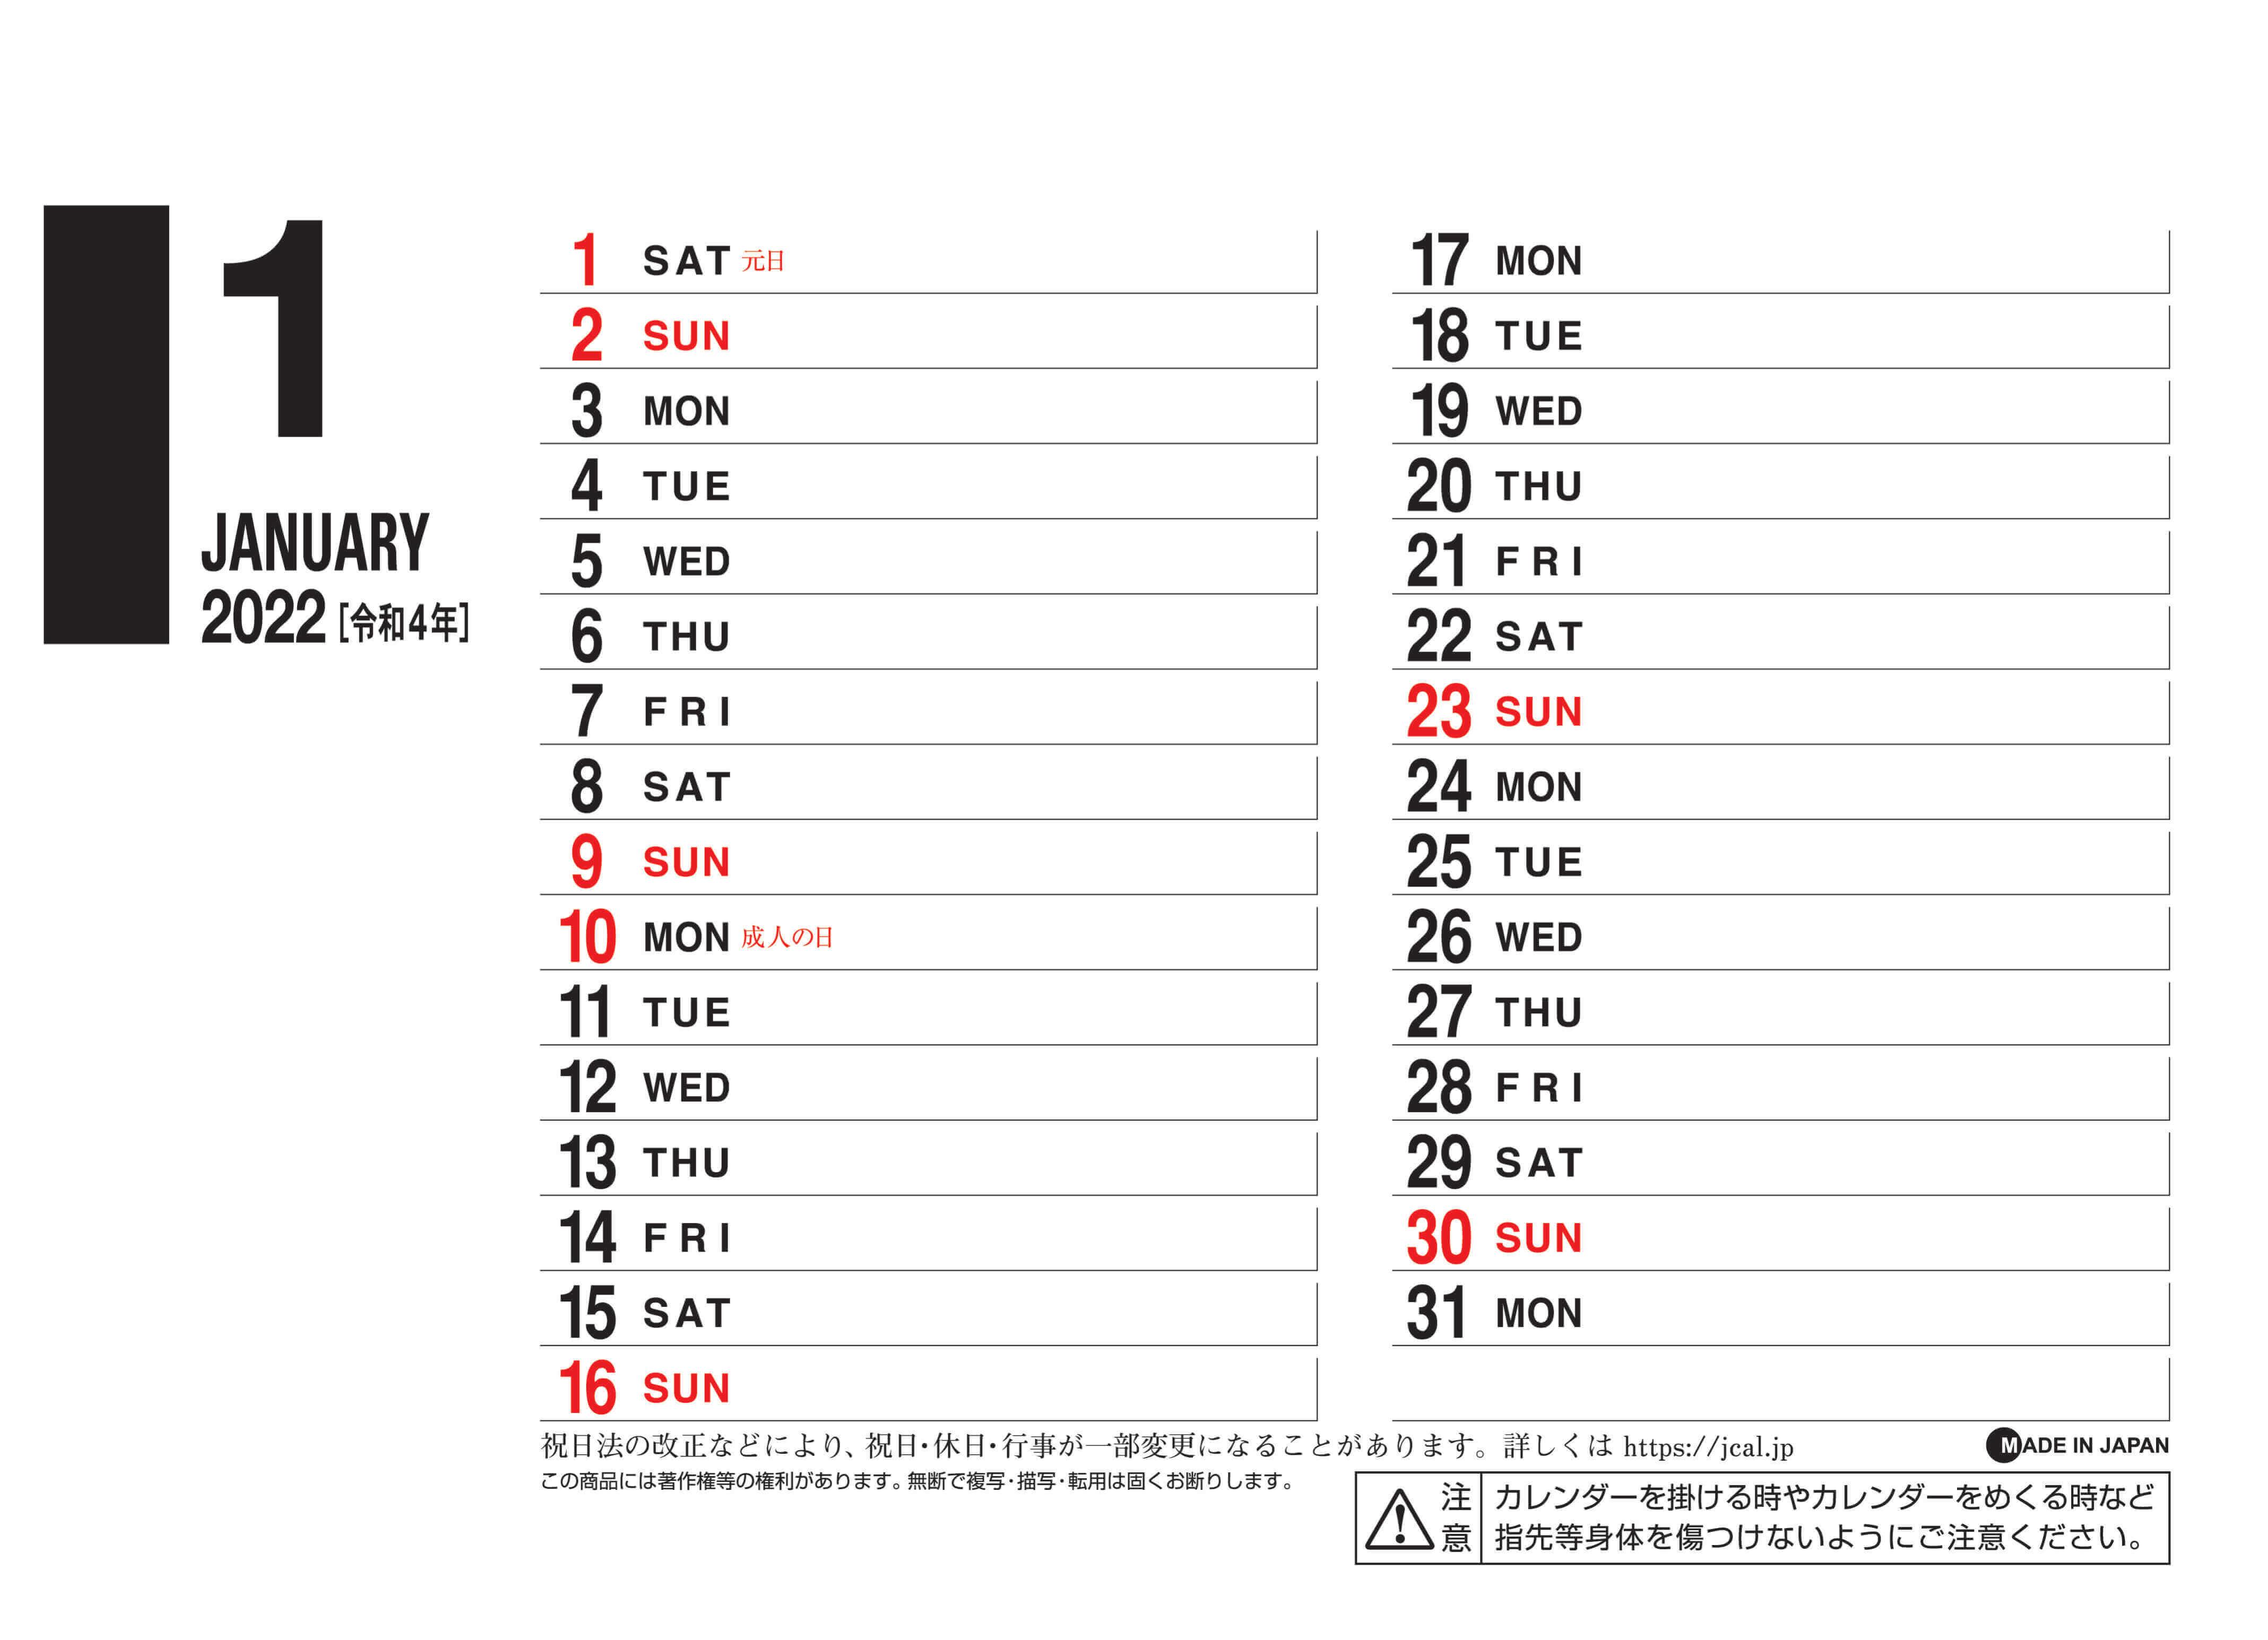 裏面 デスクスタンド・文字 2022年カレンダーの画像